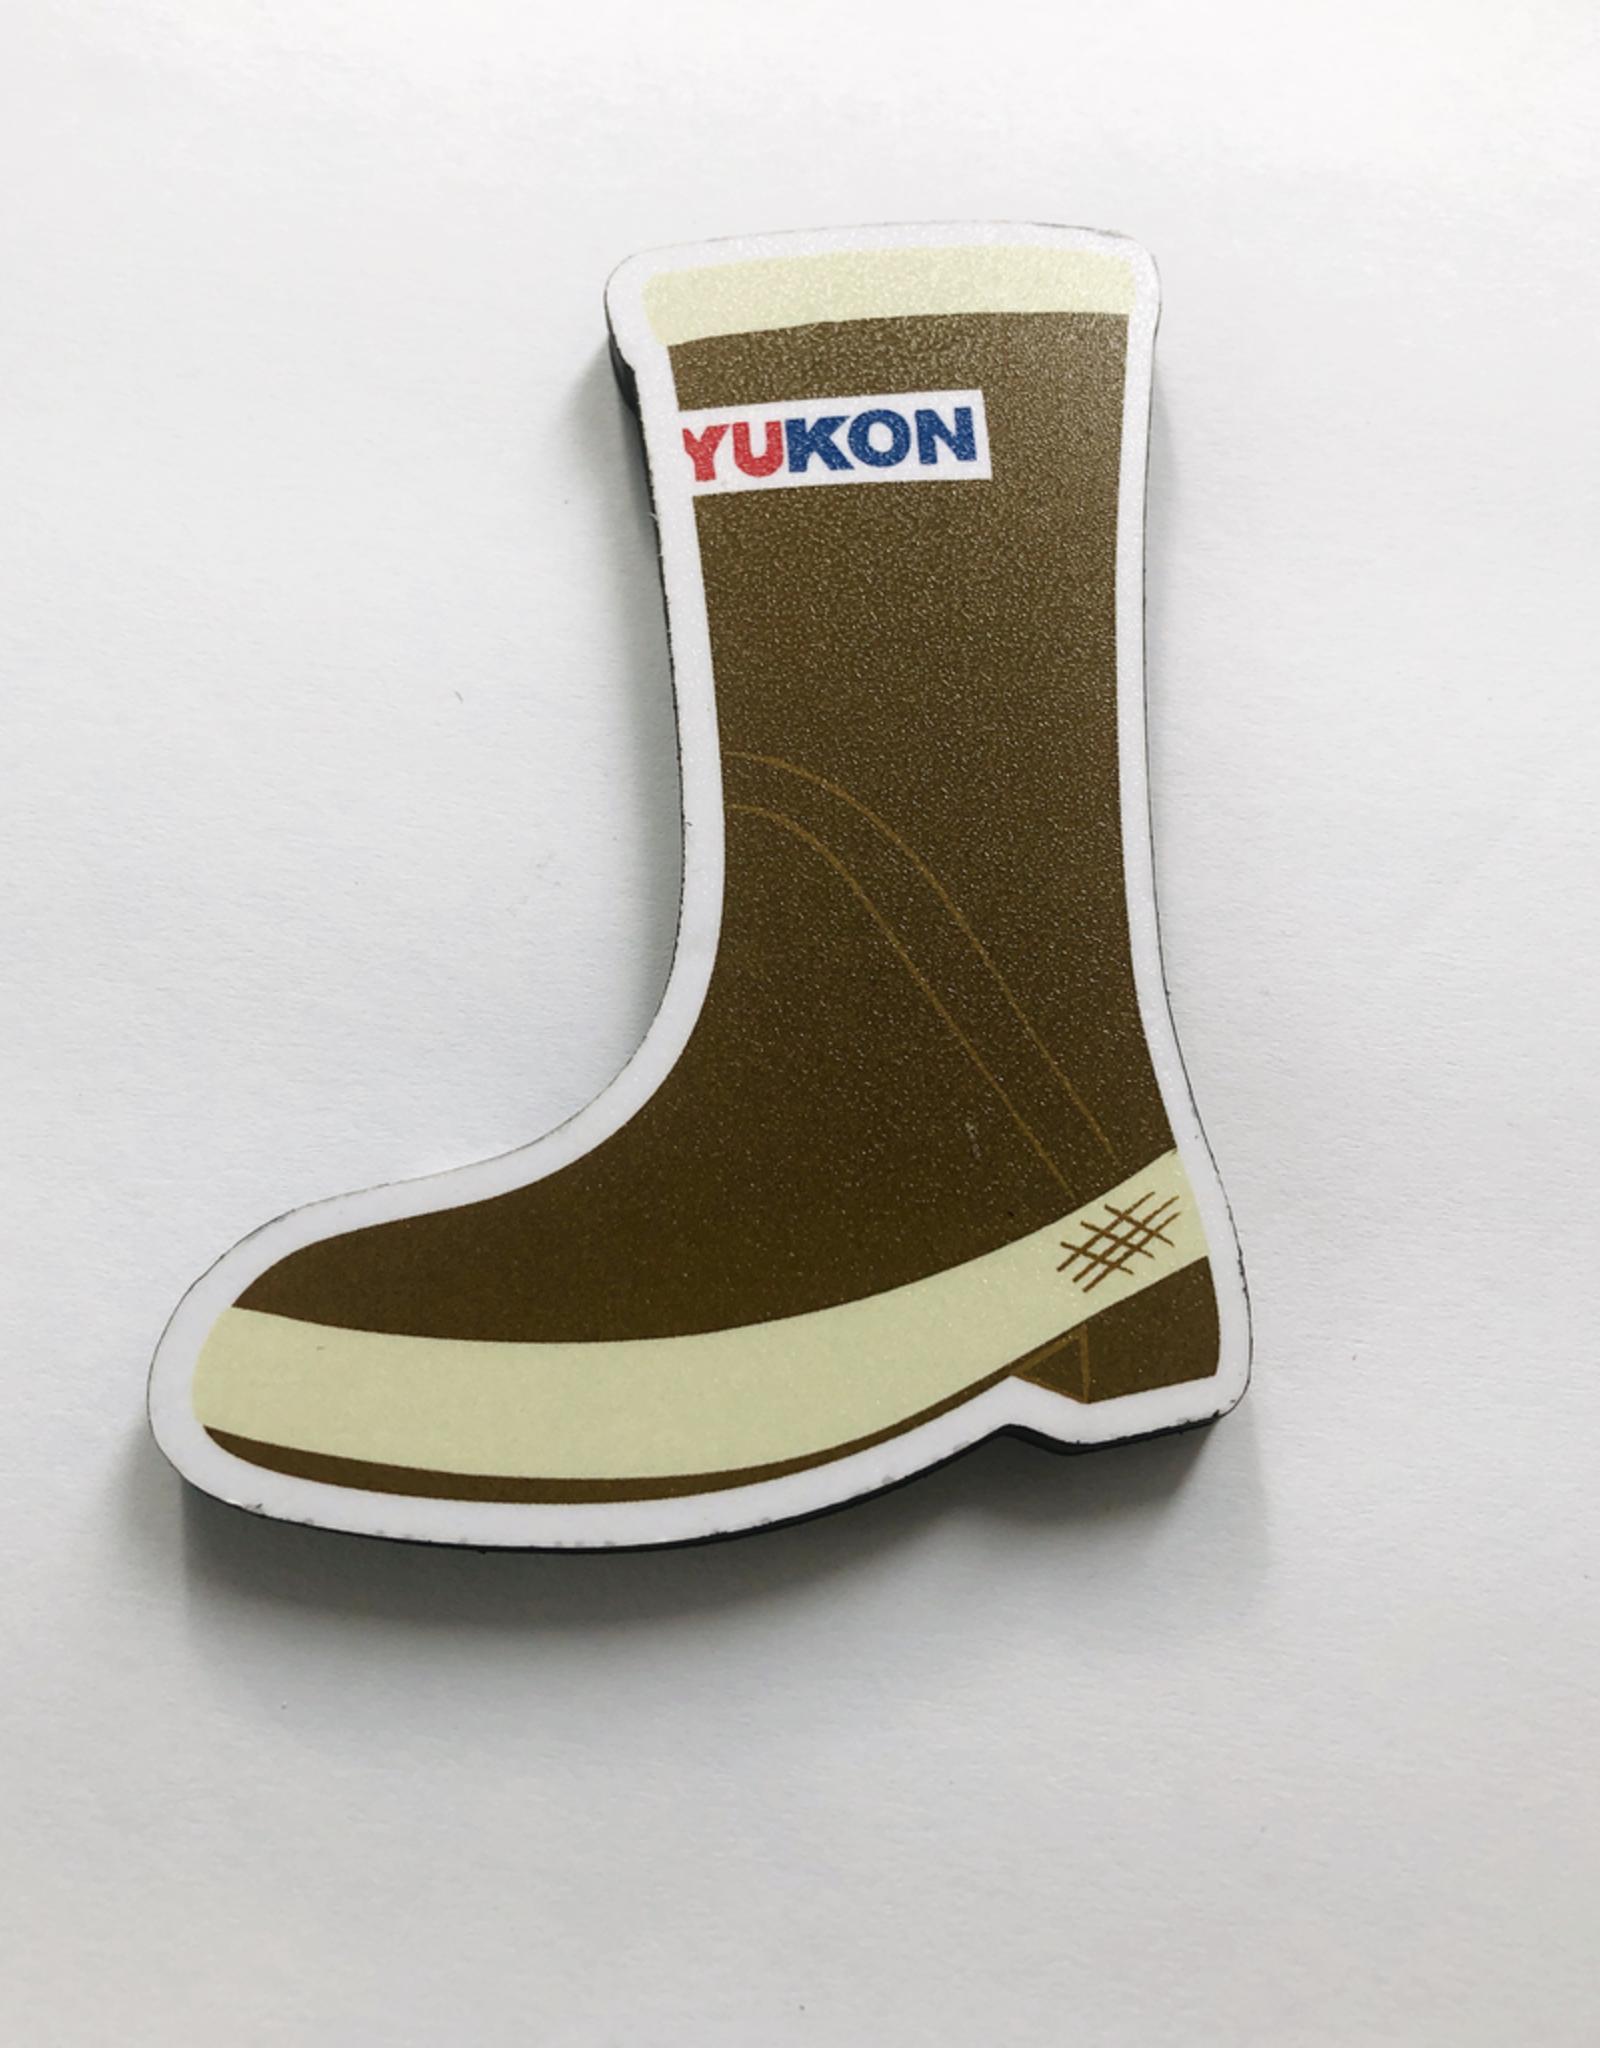 Yukon Boot Magnet